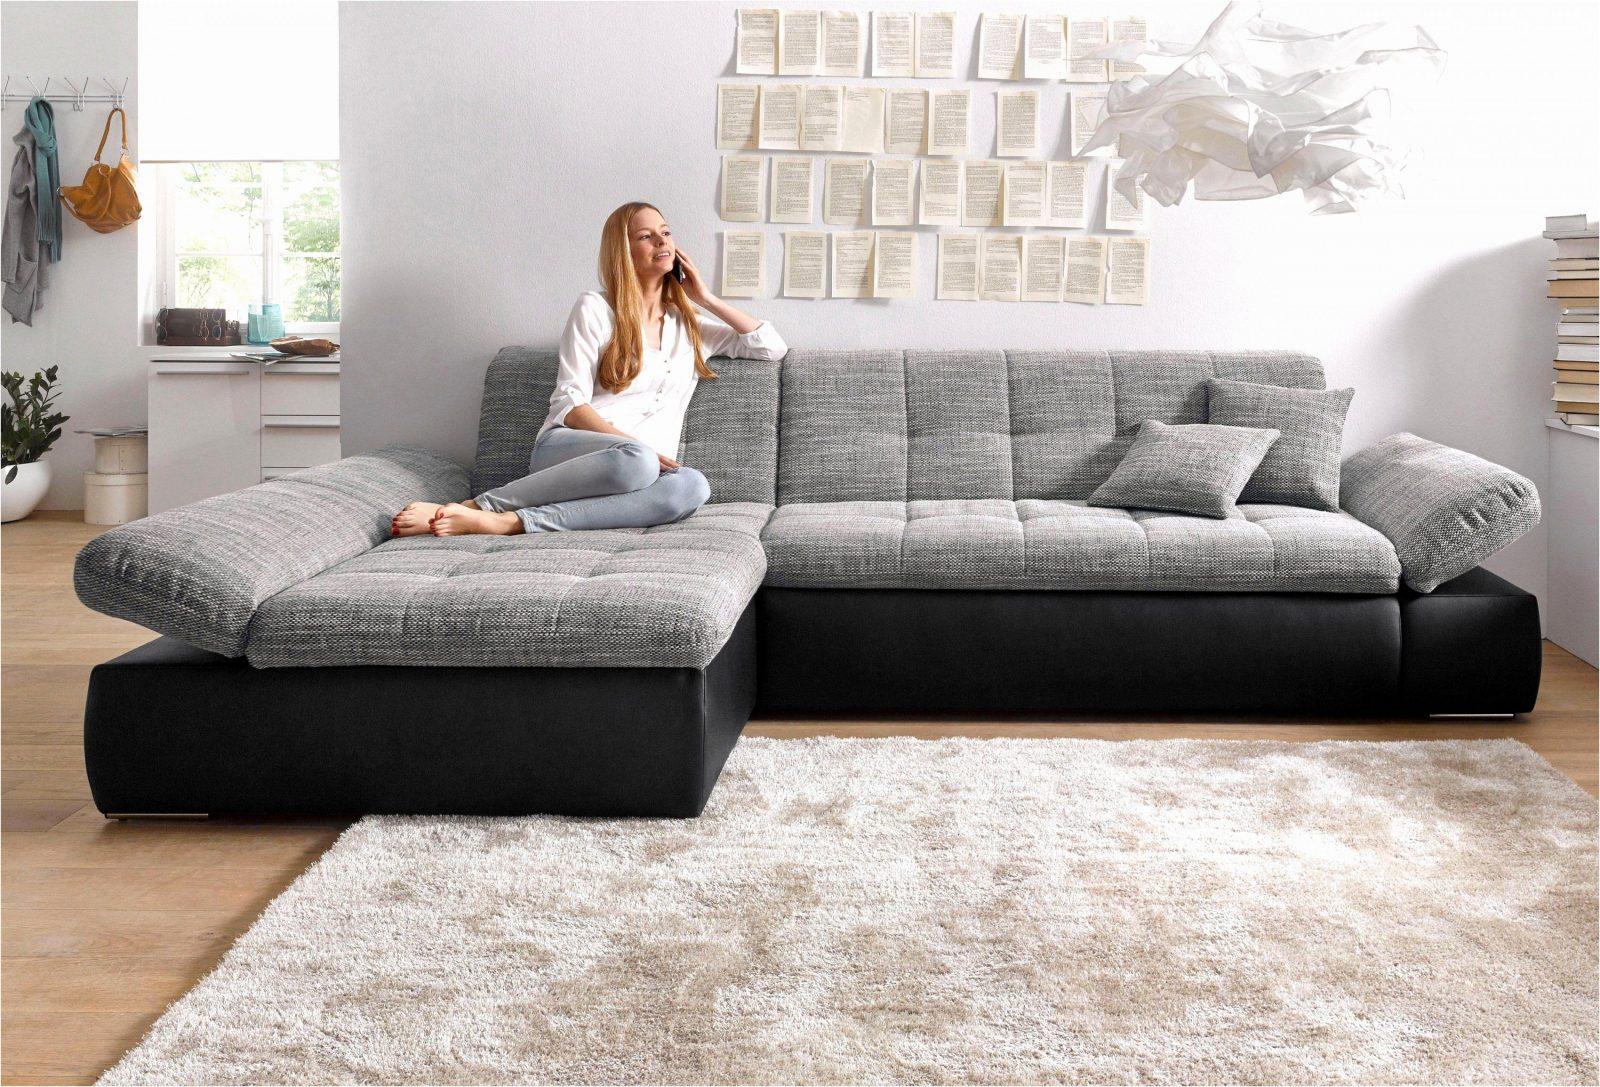 Beeindruckend Couch L Form Mit Schlaffunktion Kuhles Und Aufregend von Couch L-Form Mit Schlaffunktion Bild